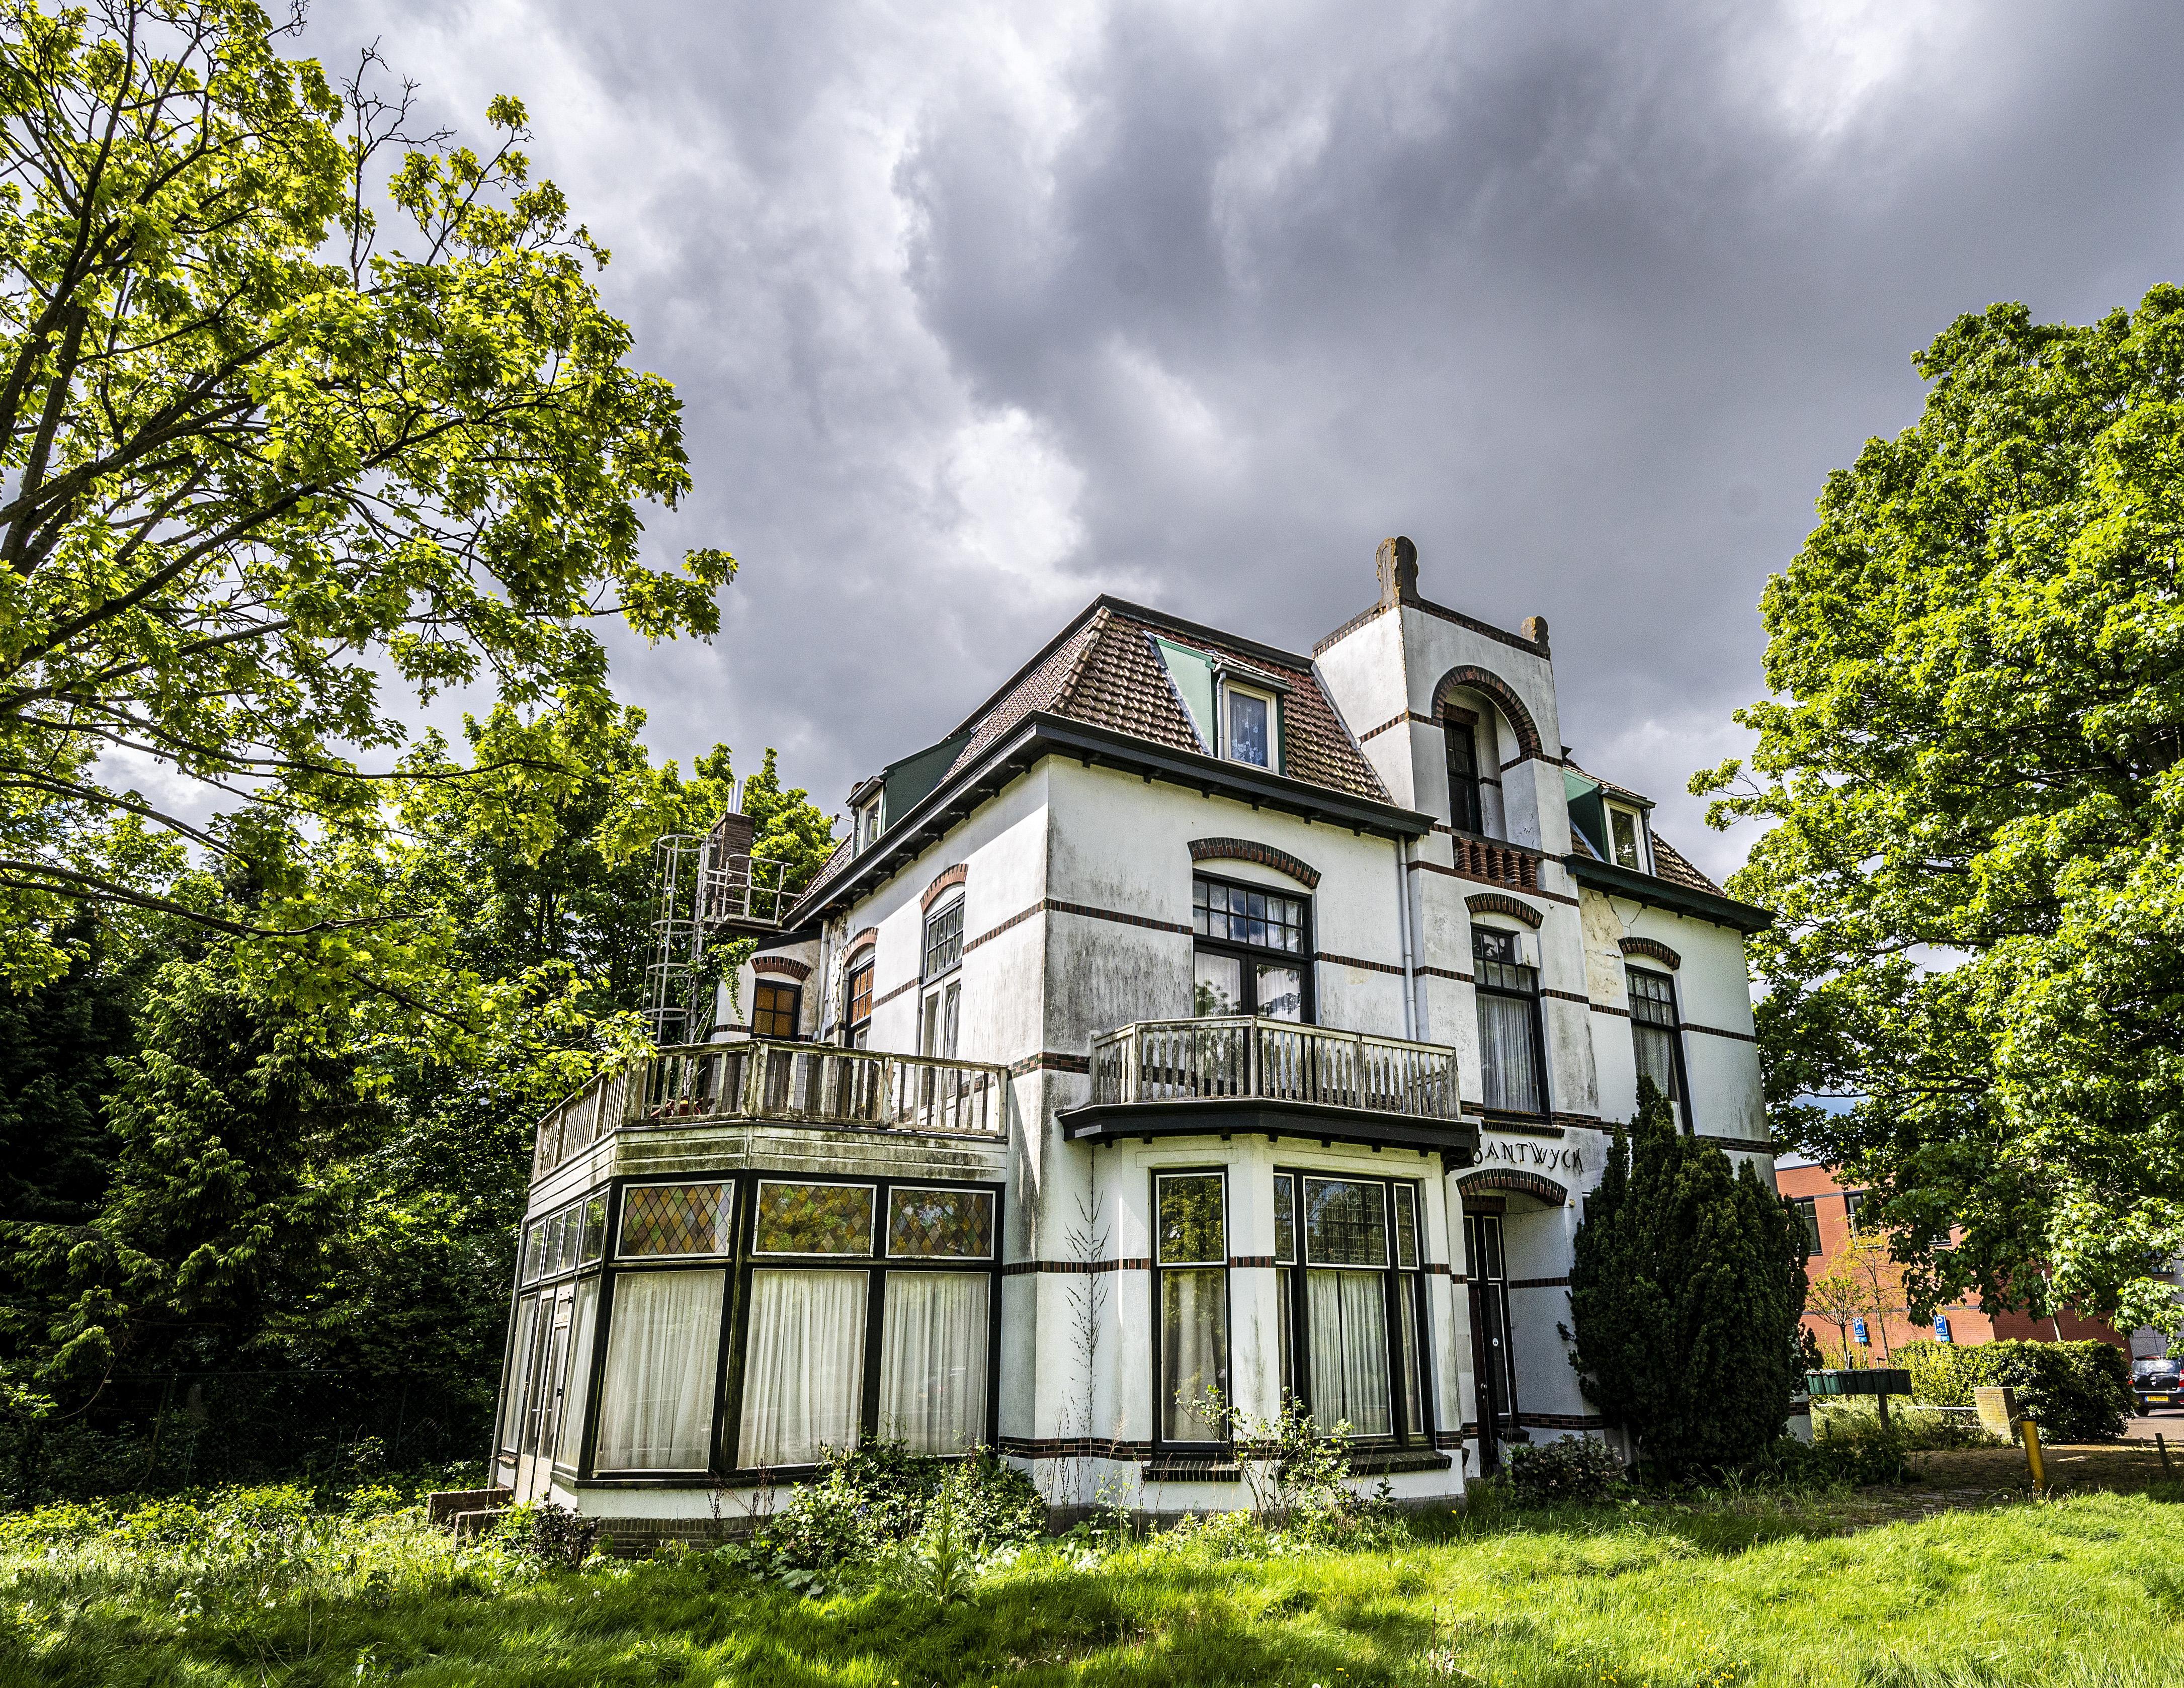 Zorgen in Hillegom over oude villa: 'Santwyck mag niet dezelfde kant opgaan als Java-gebouw'